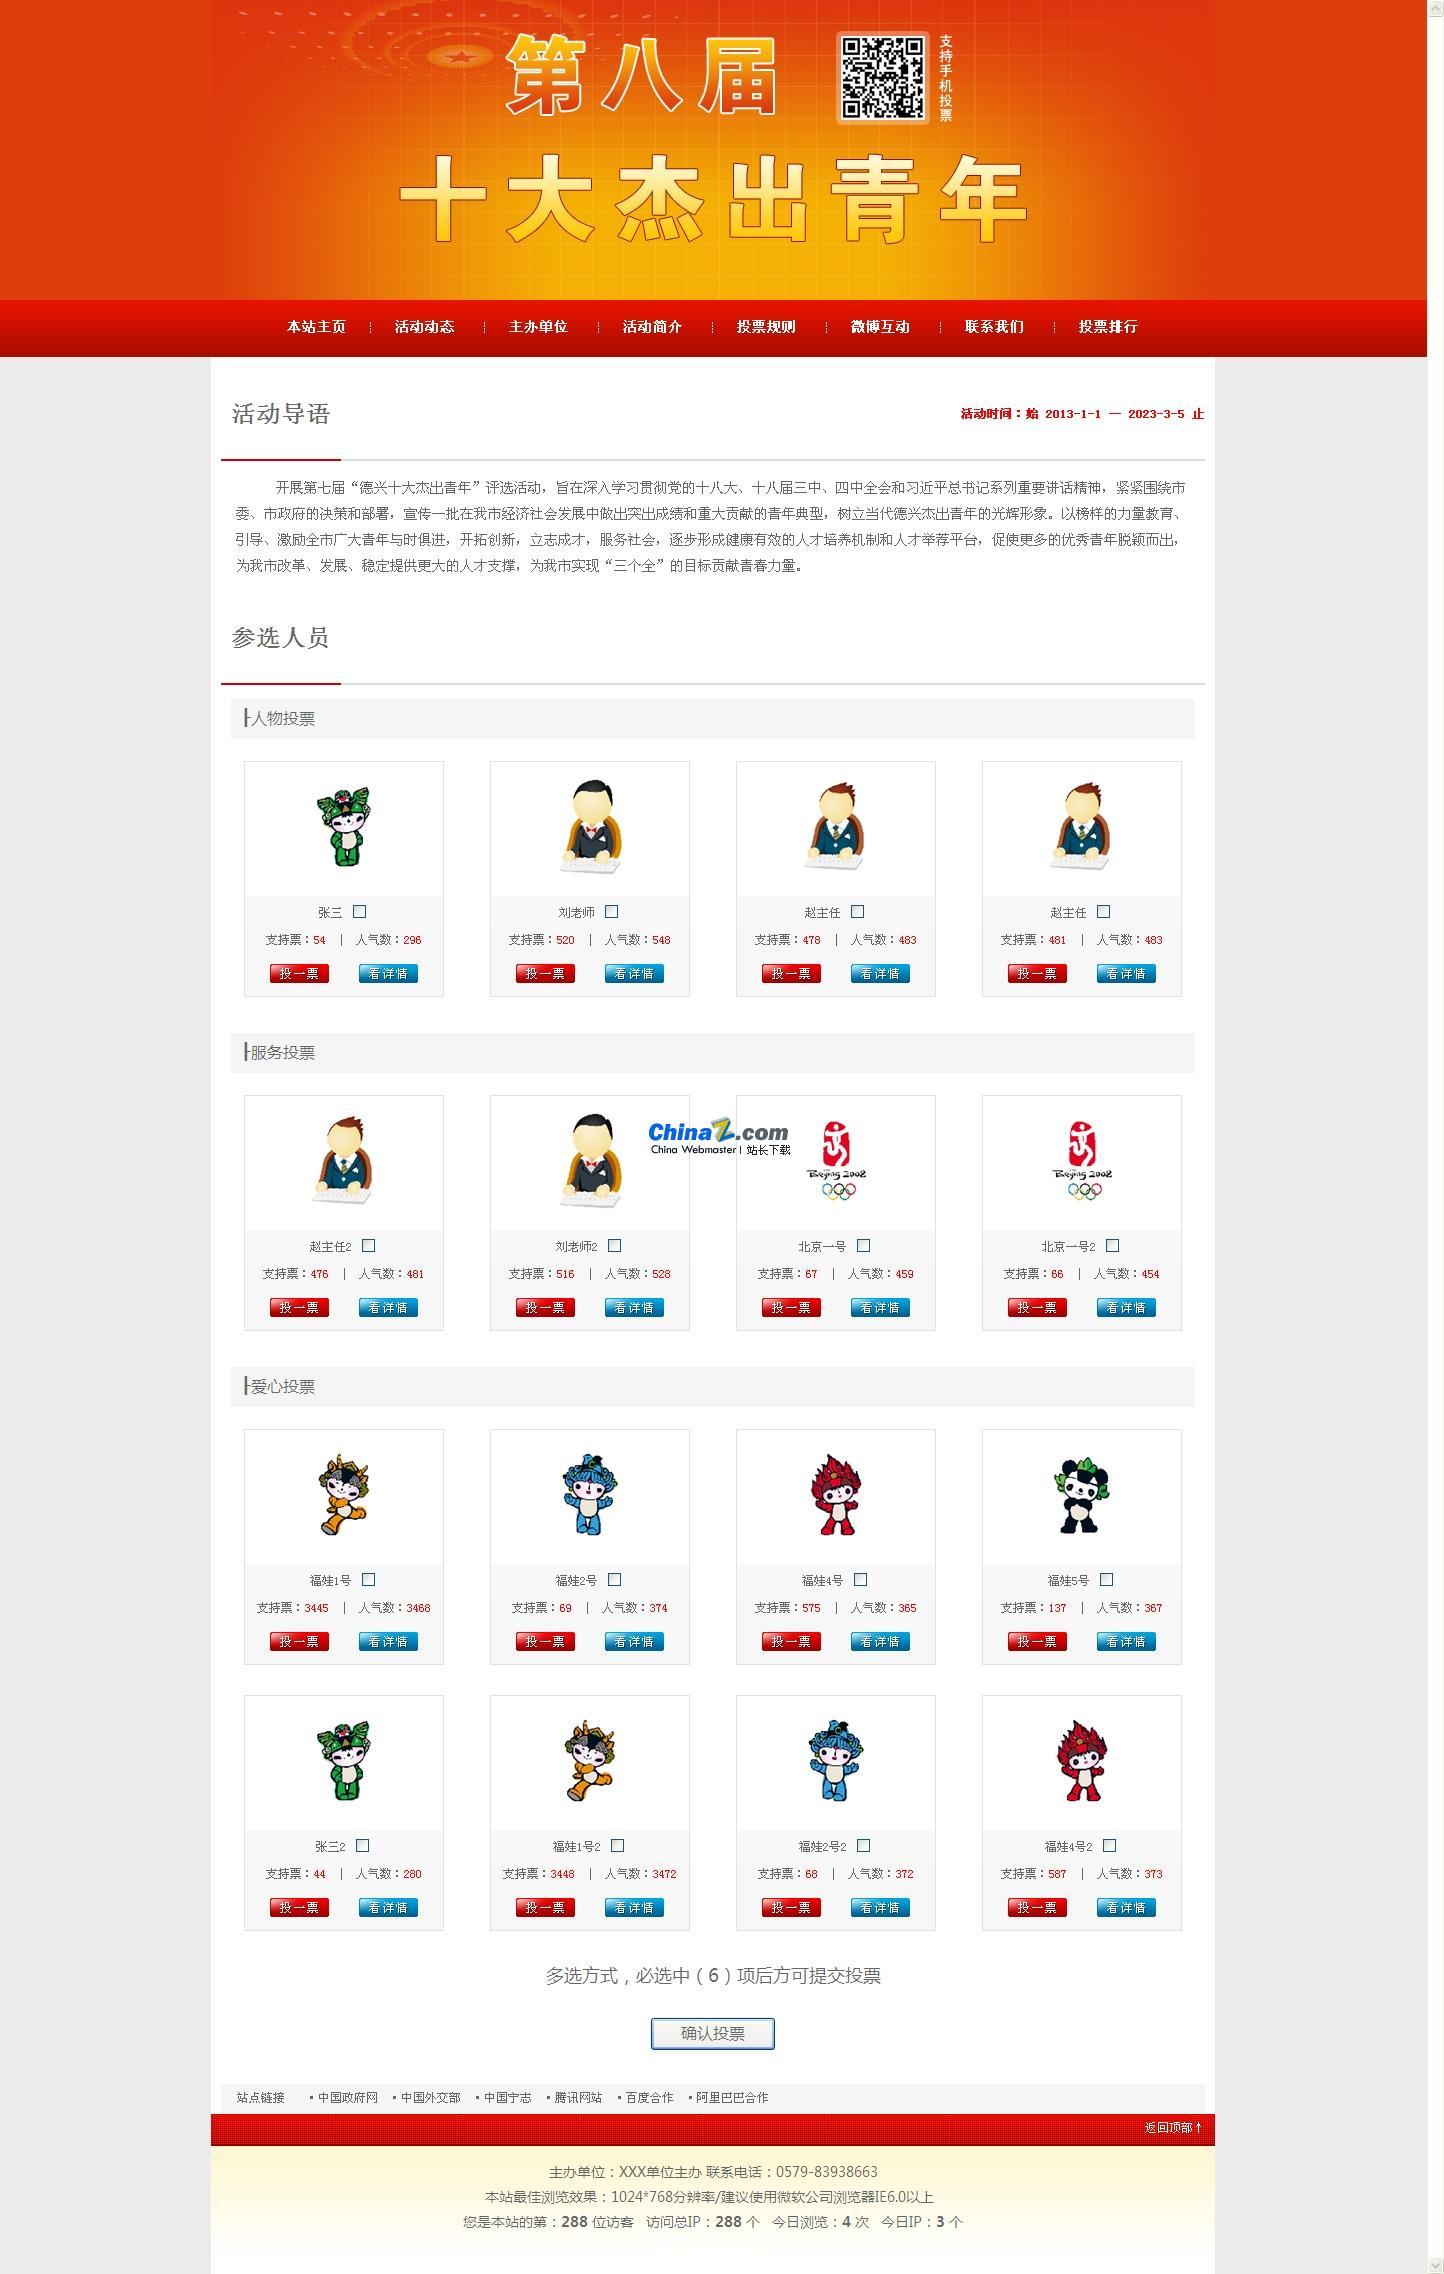 宁志投票评选网站管理系统